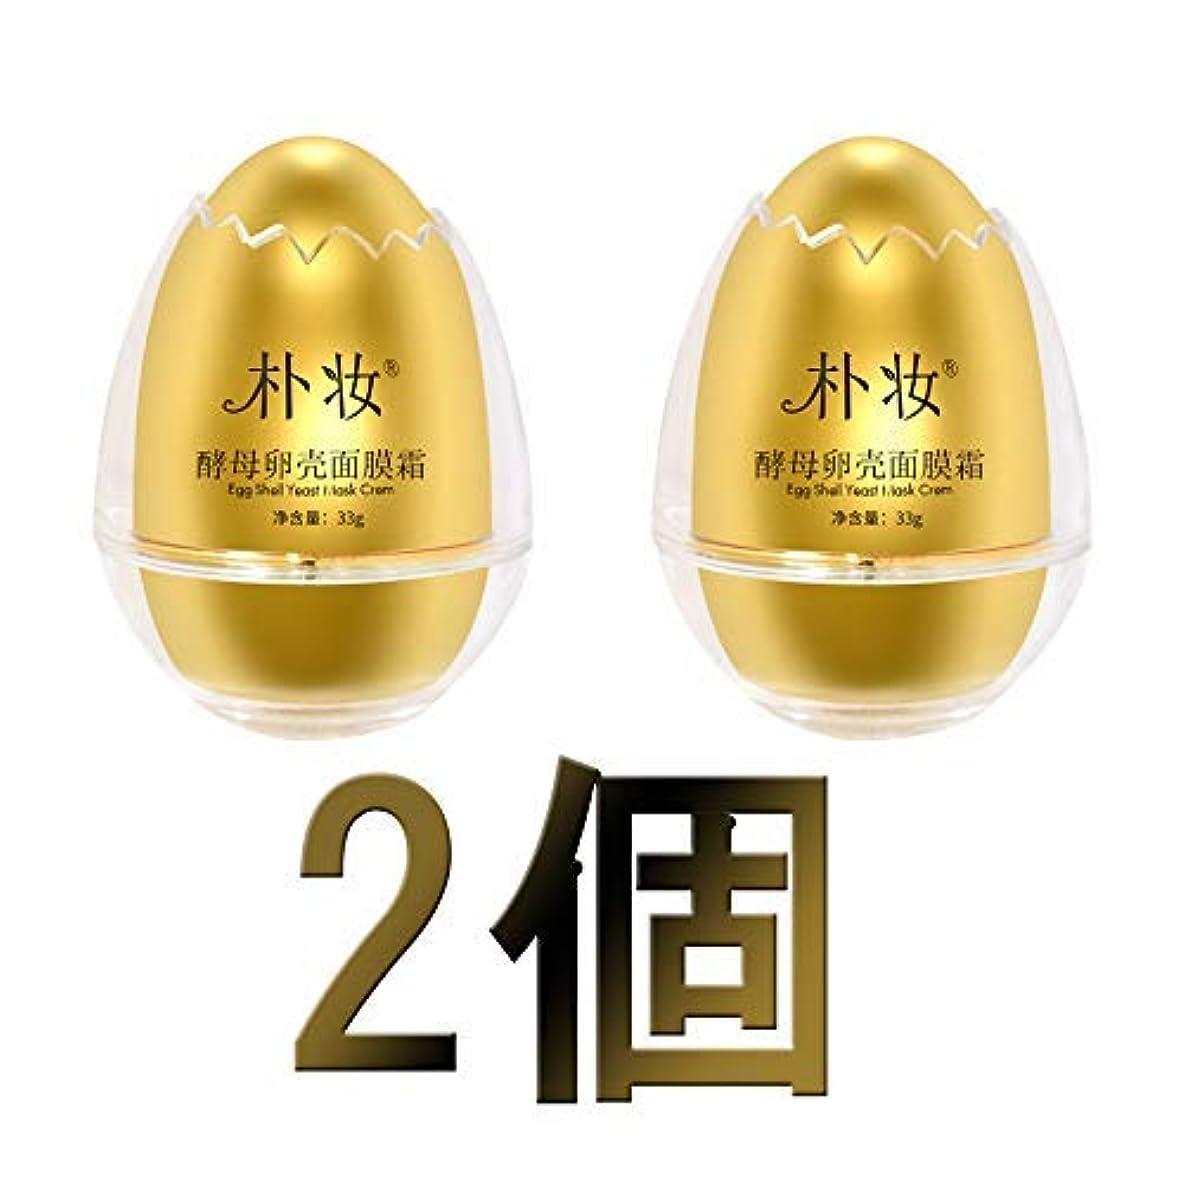 特許永続動力学朴妆たんたんパックx2個 酵母卵殻マスククリーム33g しっとりと た肌,シュリンクポア,しわ耐性,肌を引っ張る、